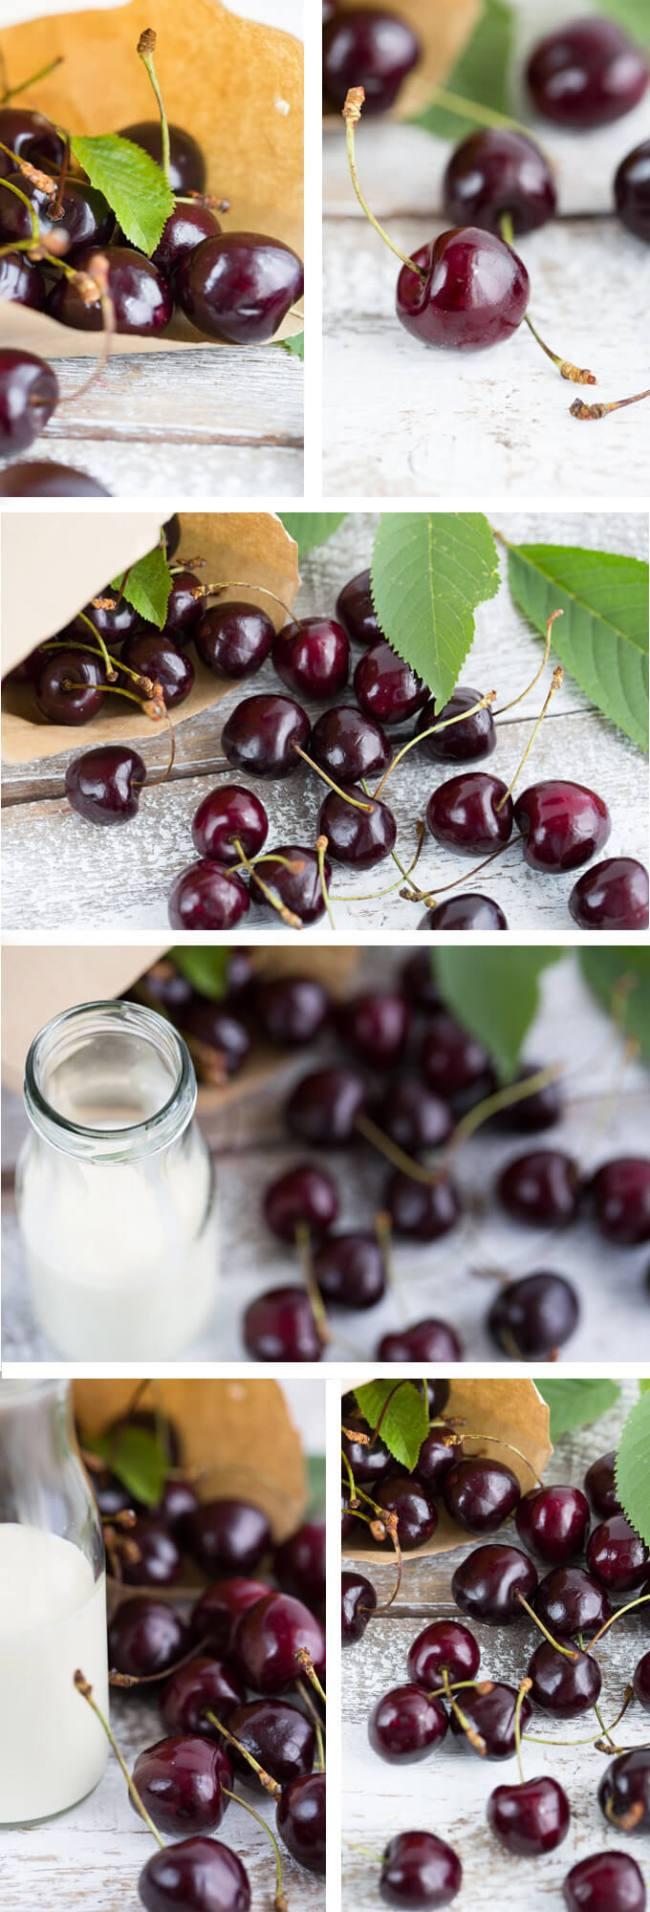 cherries - tinaengel.com